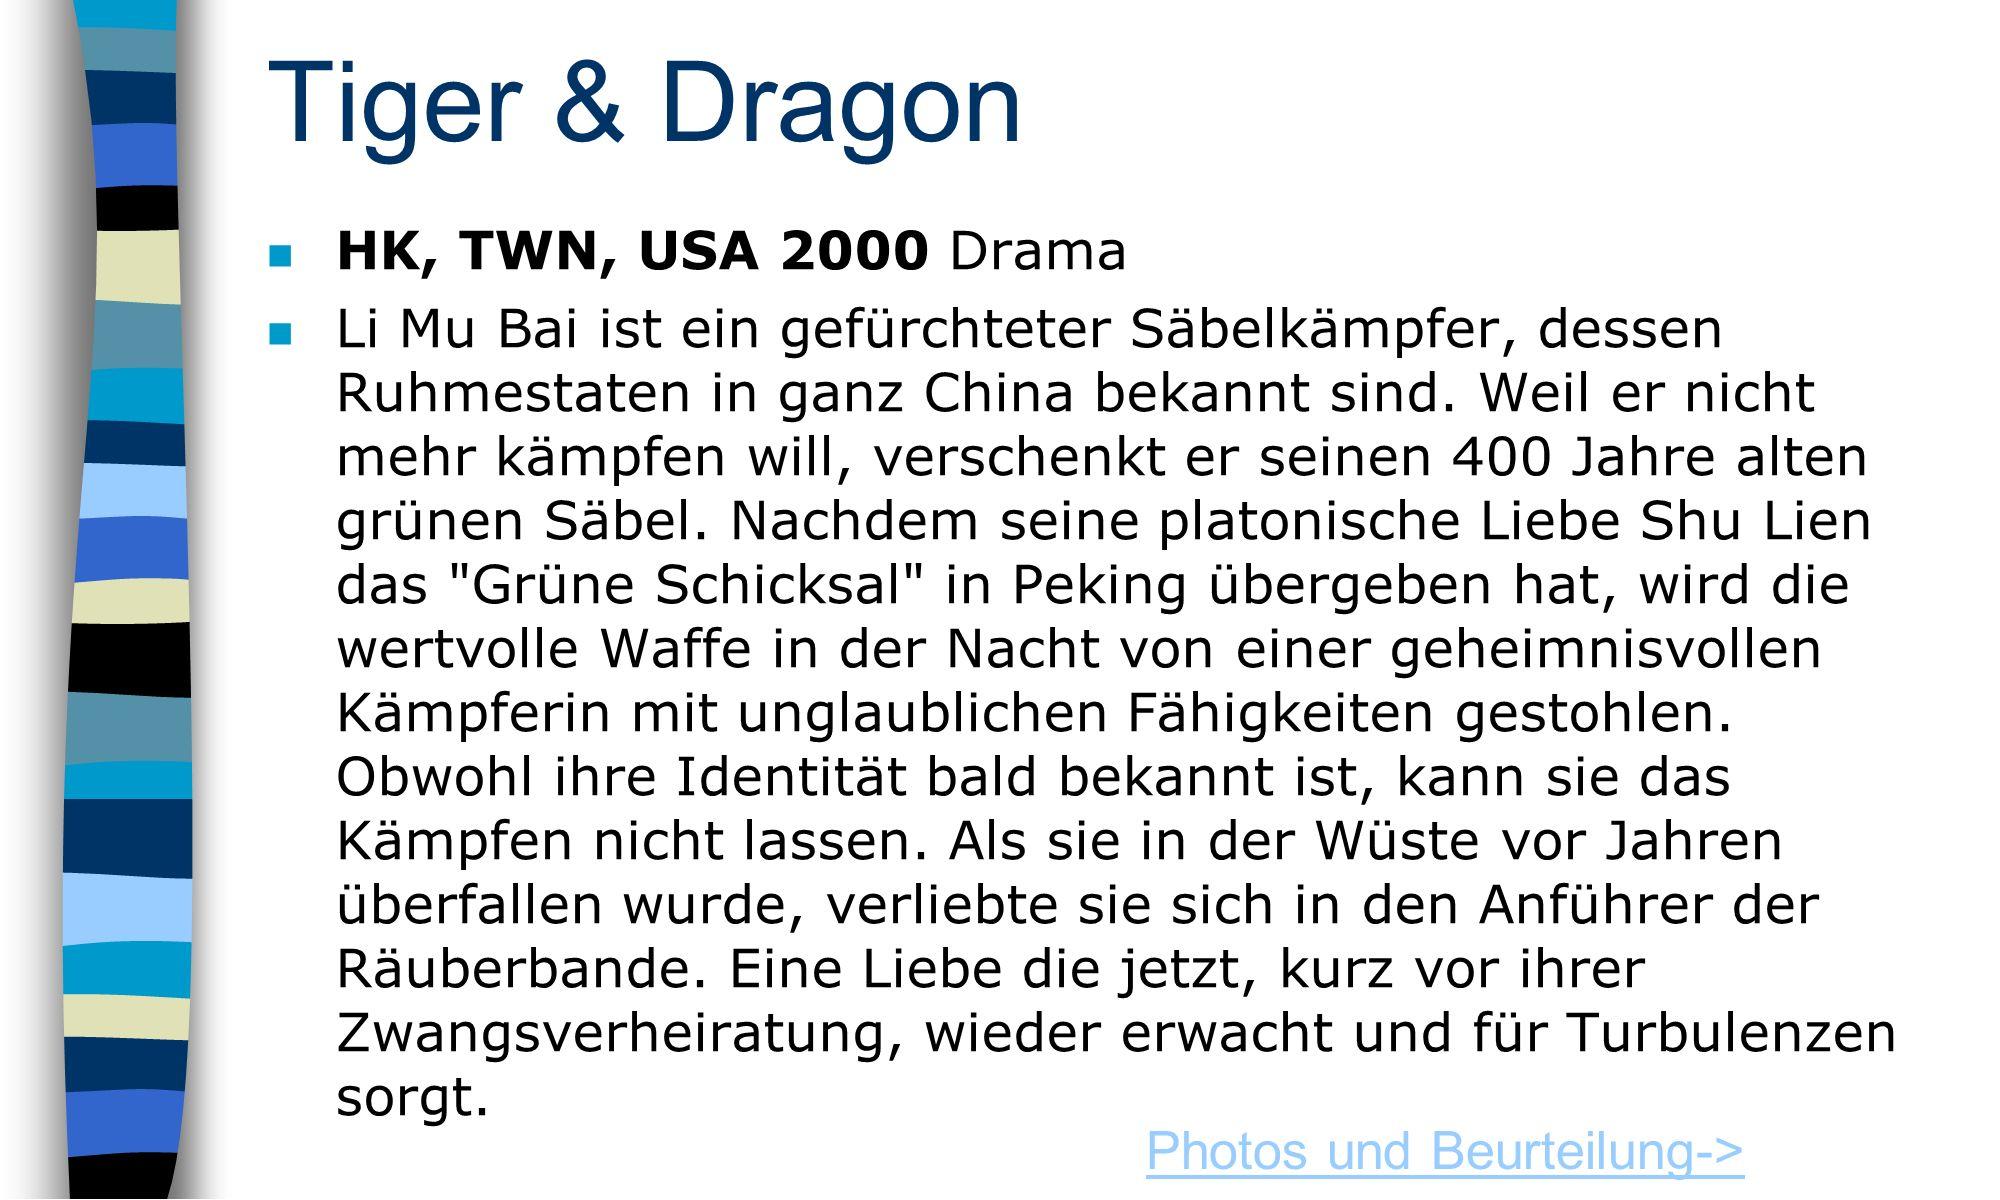 Tiger & Dragon HK, TWN, USA 2000 Drama n Li Mu Bai ist ein gefürchteter Säbelkämpfer, dessen Ruhmestaten in ganz China bekannt sind.